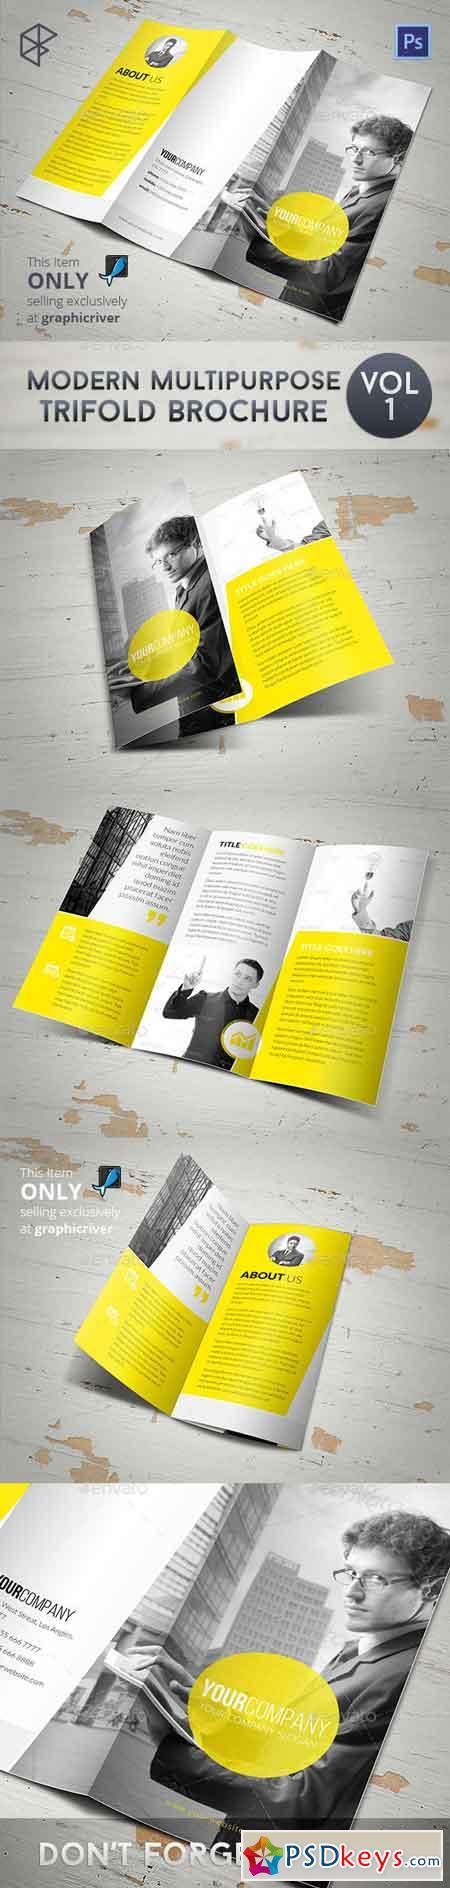 Modern Multipurpose Trifold Brochure 7874112